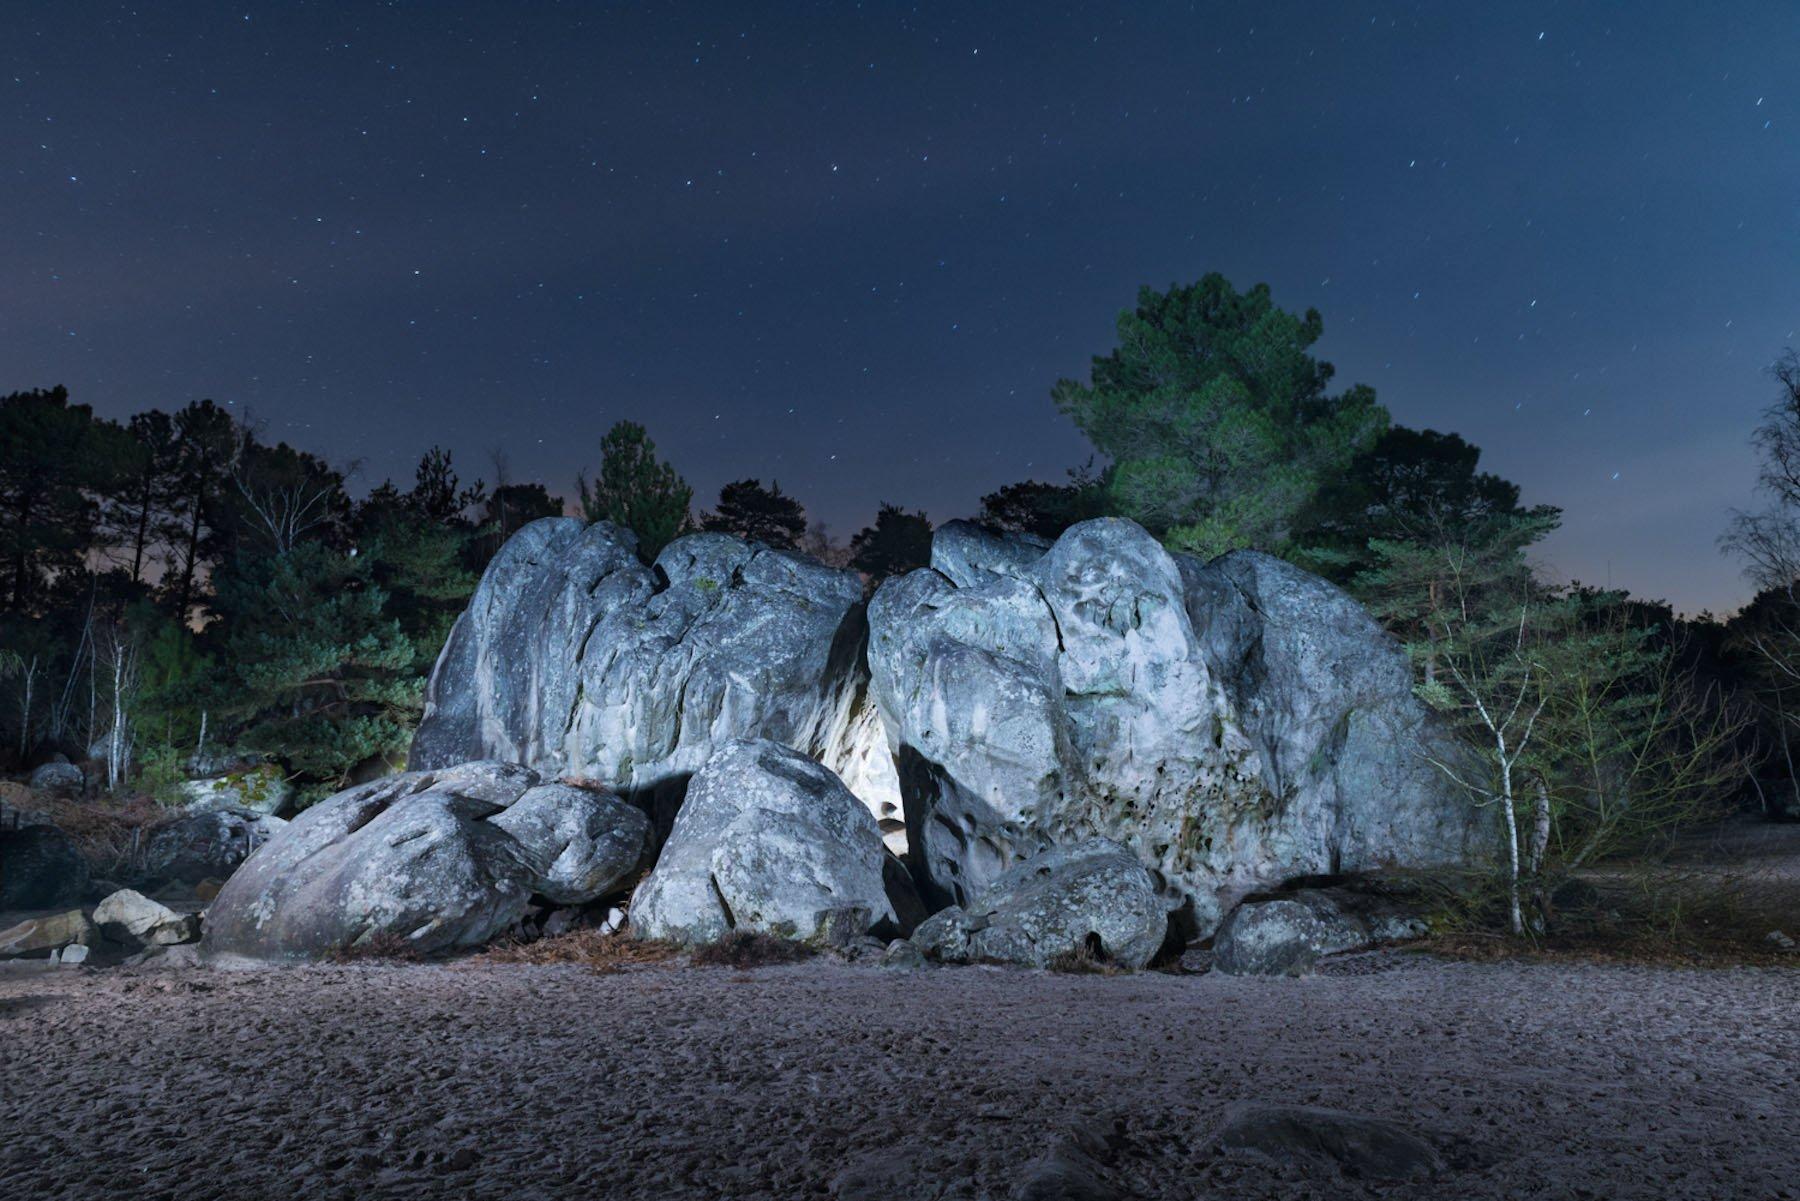 iGNANT-Photography-Alexis-Pichot-Marche-Celeste-13